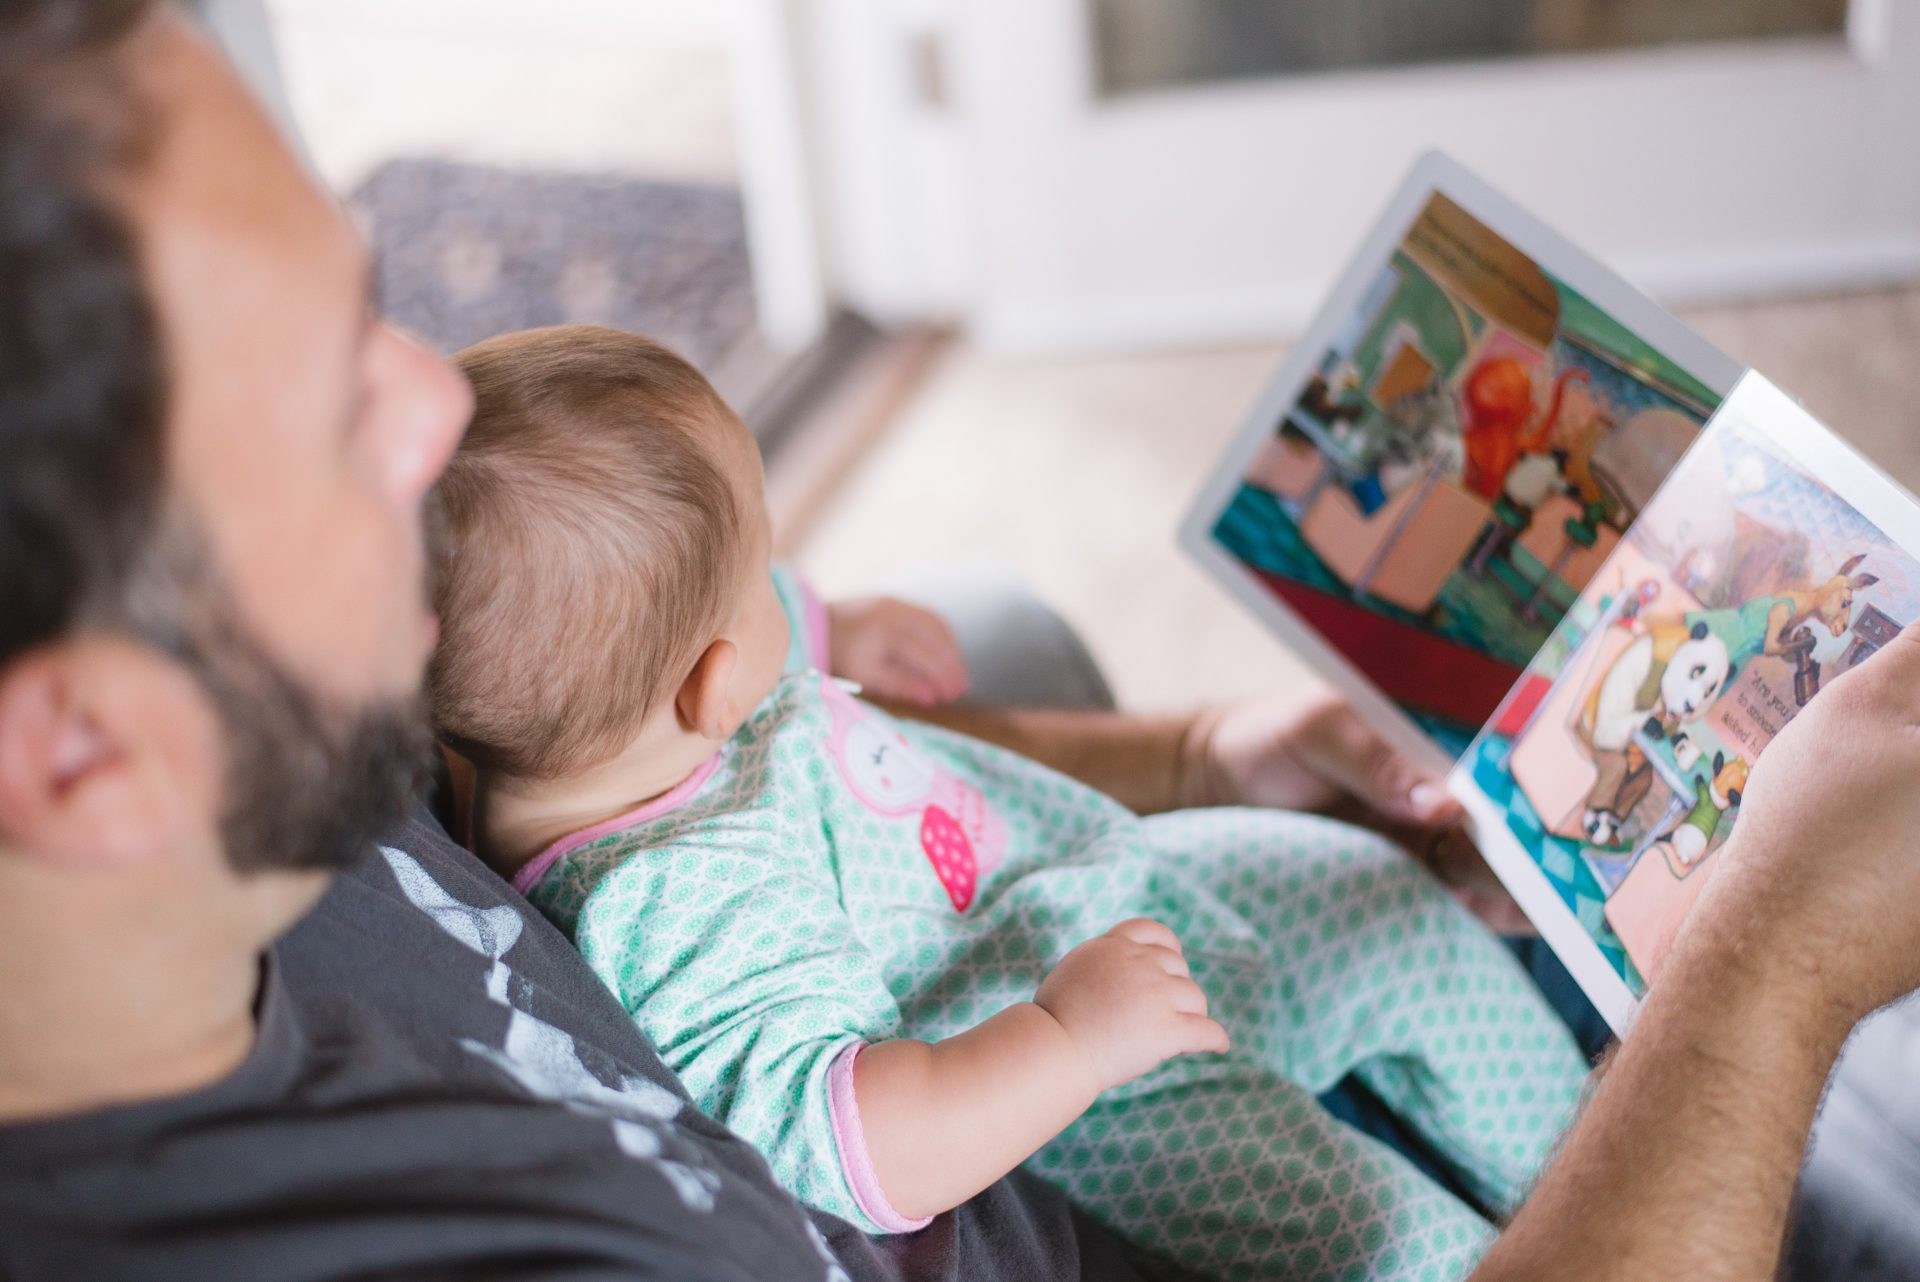 Livros que fazem as crianças crescerem #40: ler para conhecer curiosidades sobre o mundo